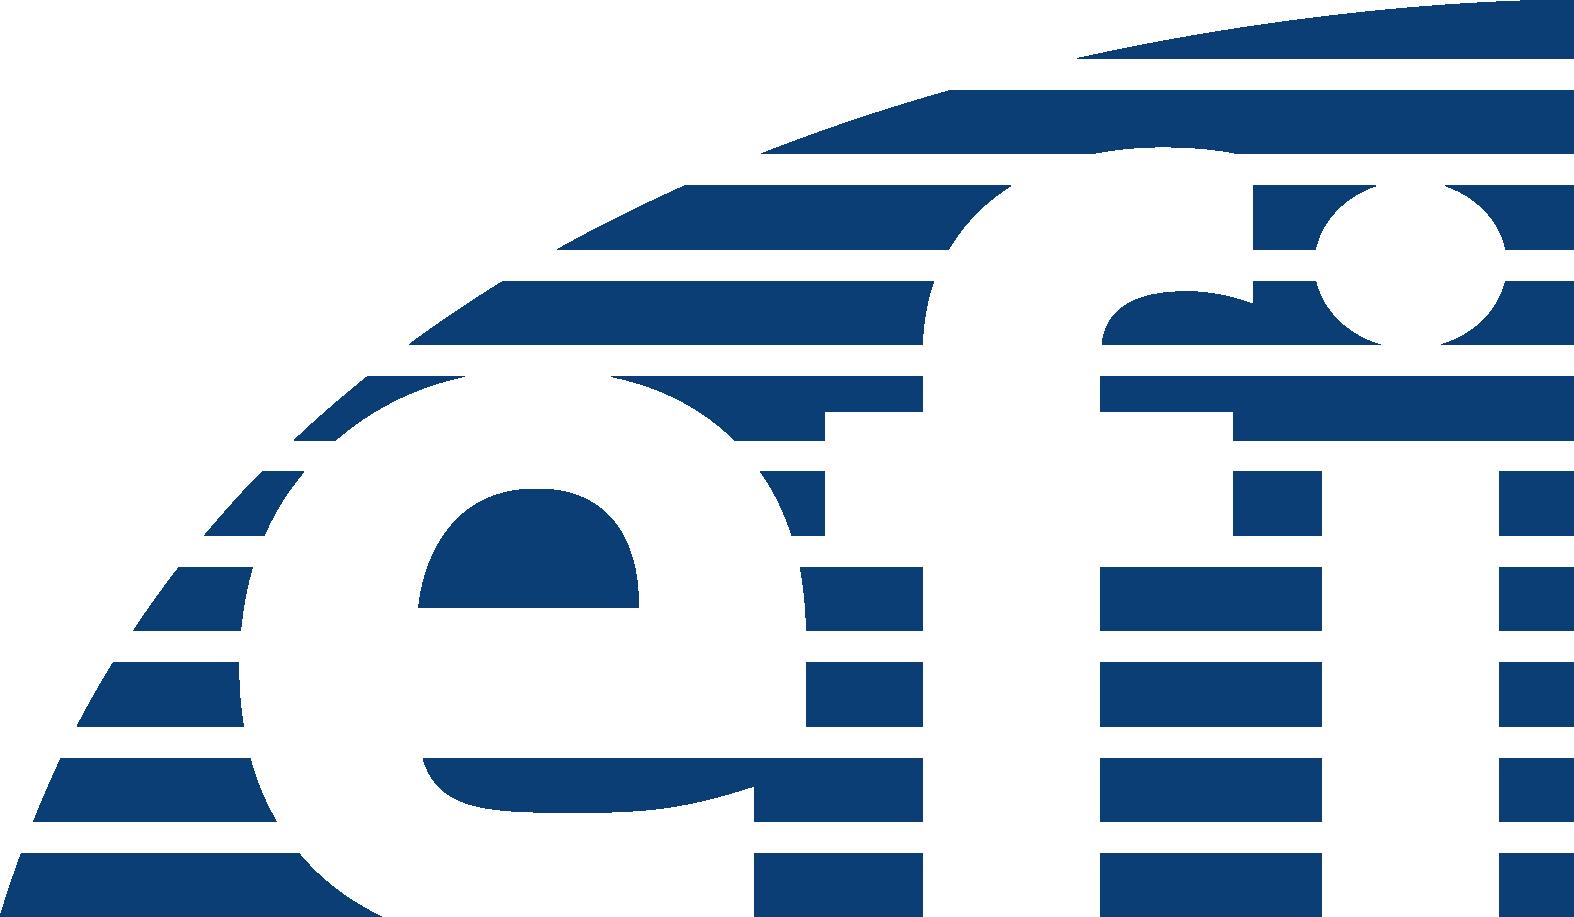 Bildergebnis für EFI fau